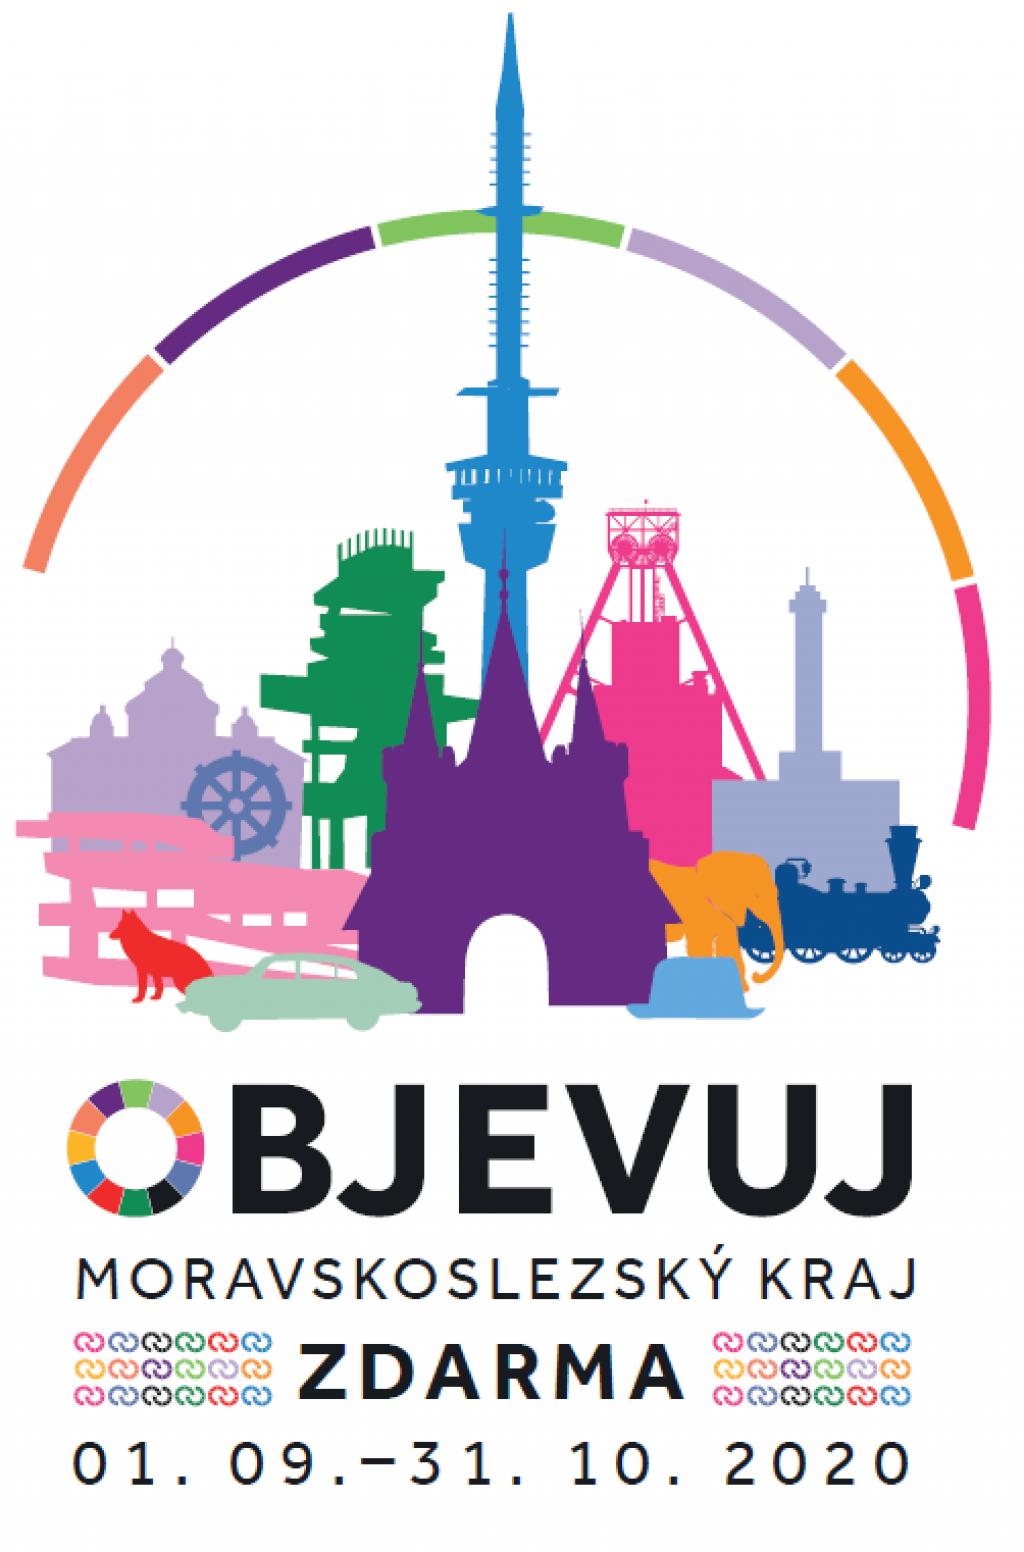 Objevuj Moravskoslezský kraj zdarma - Železniční muzeum moravskoslezské